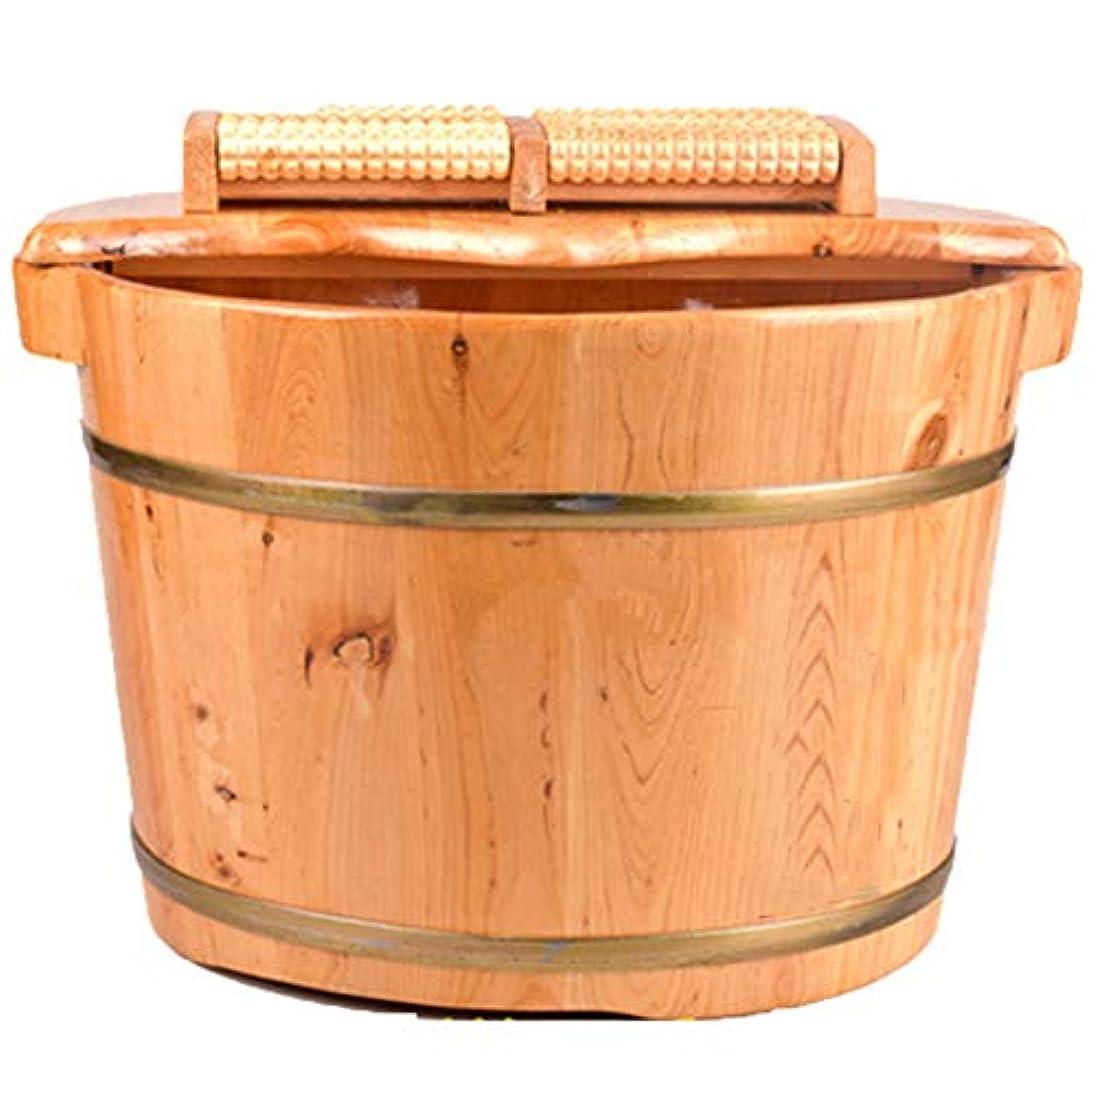 財産広い爆発物ペディキュア盆地,軽量の木製家庭の木製の樽の足湯バスソリッドウッドの木管大人のトランペット